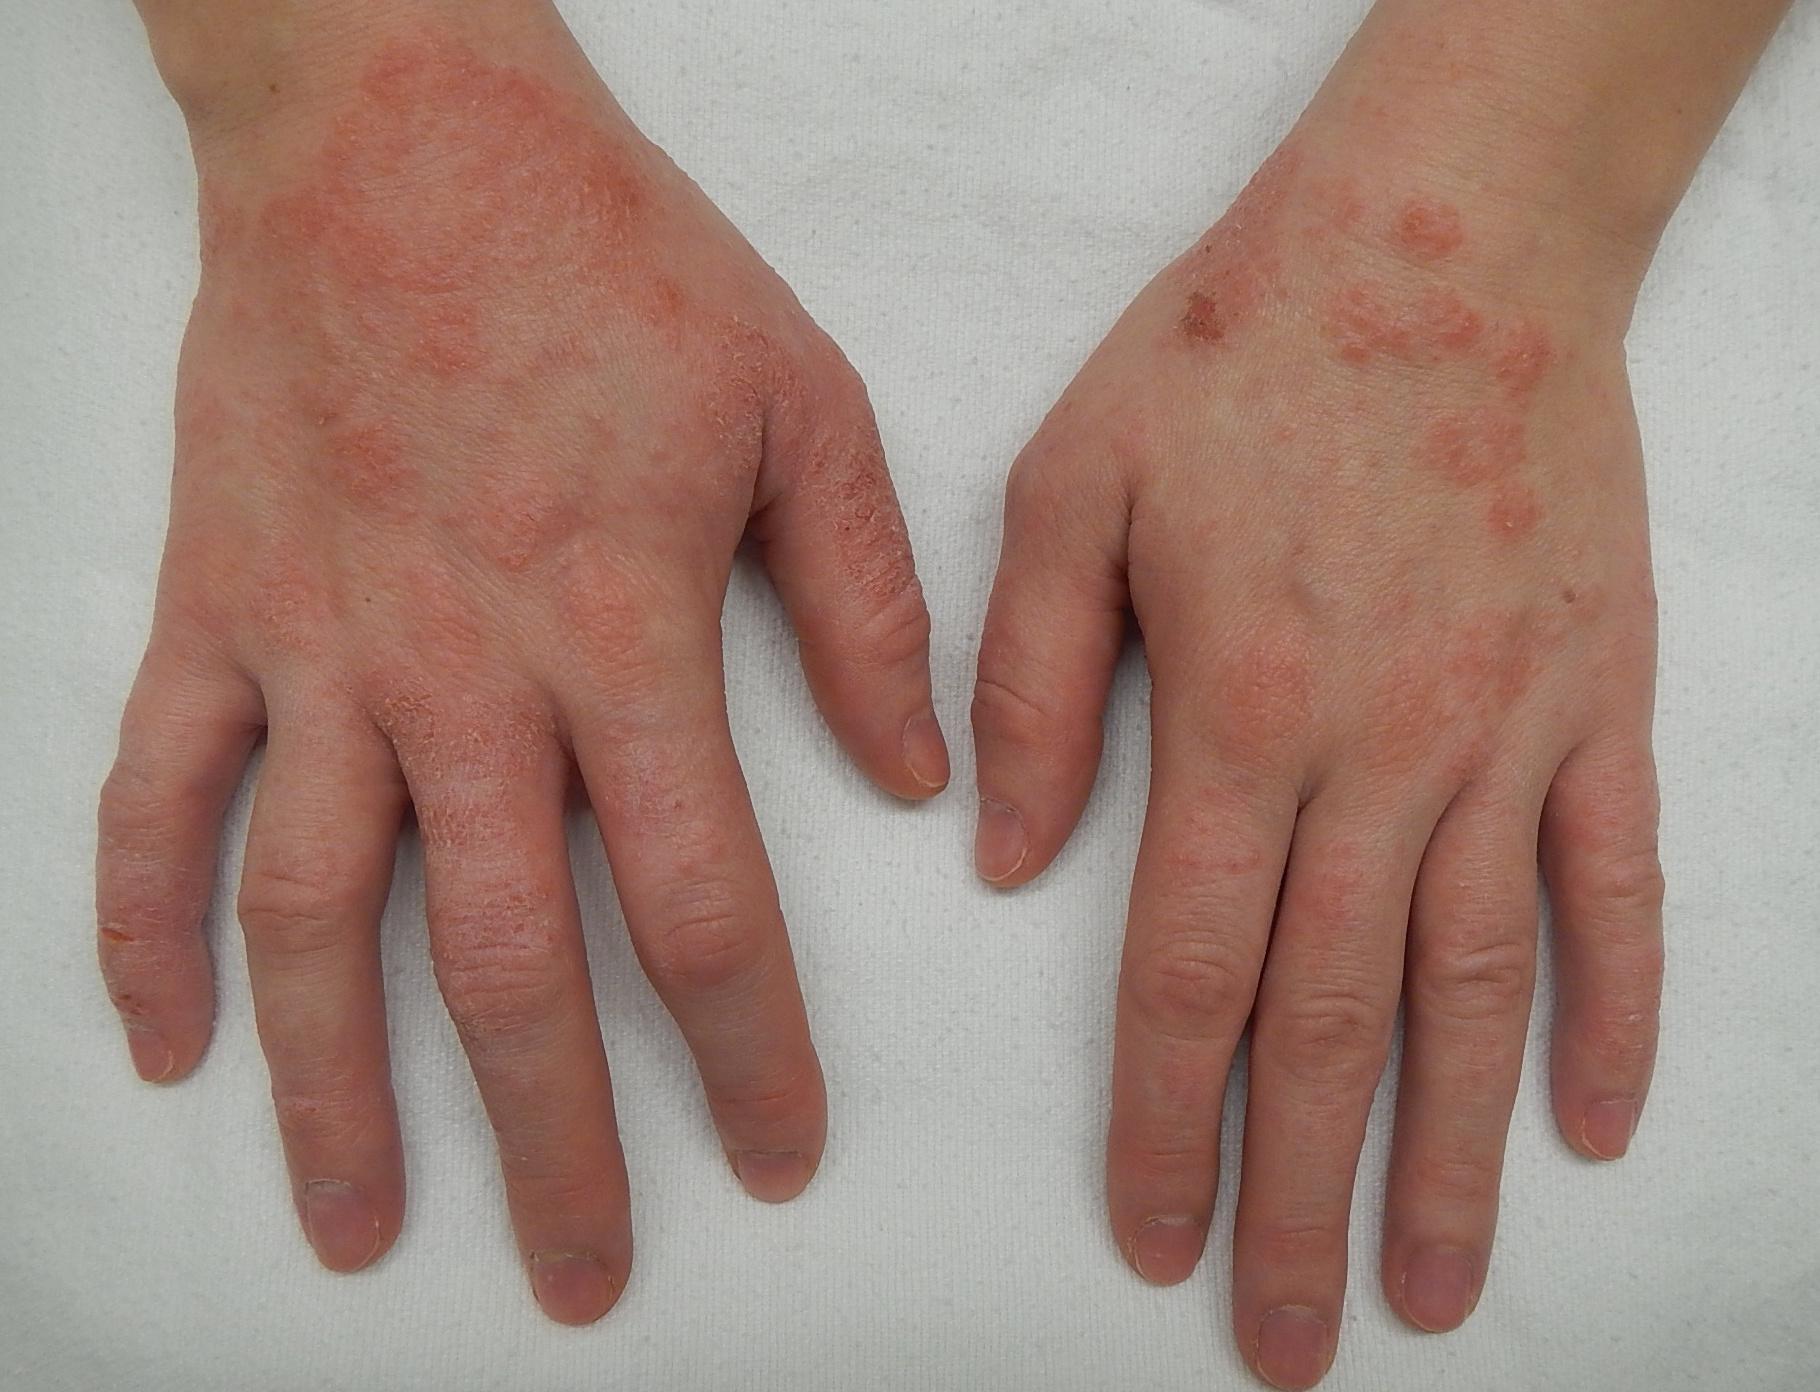 vörös foltok a testen viszketnek, hogy a kezek duzzadnak)